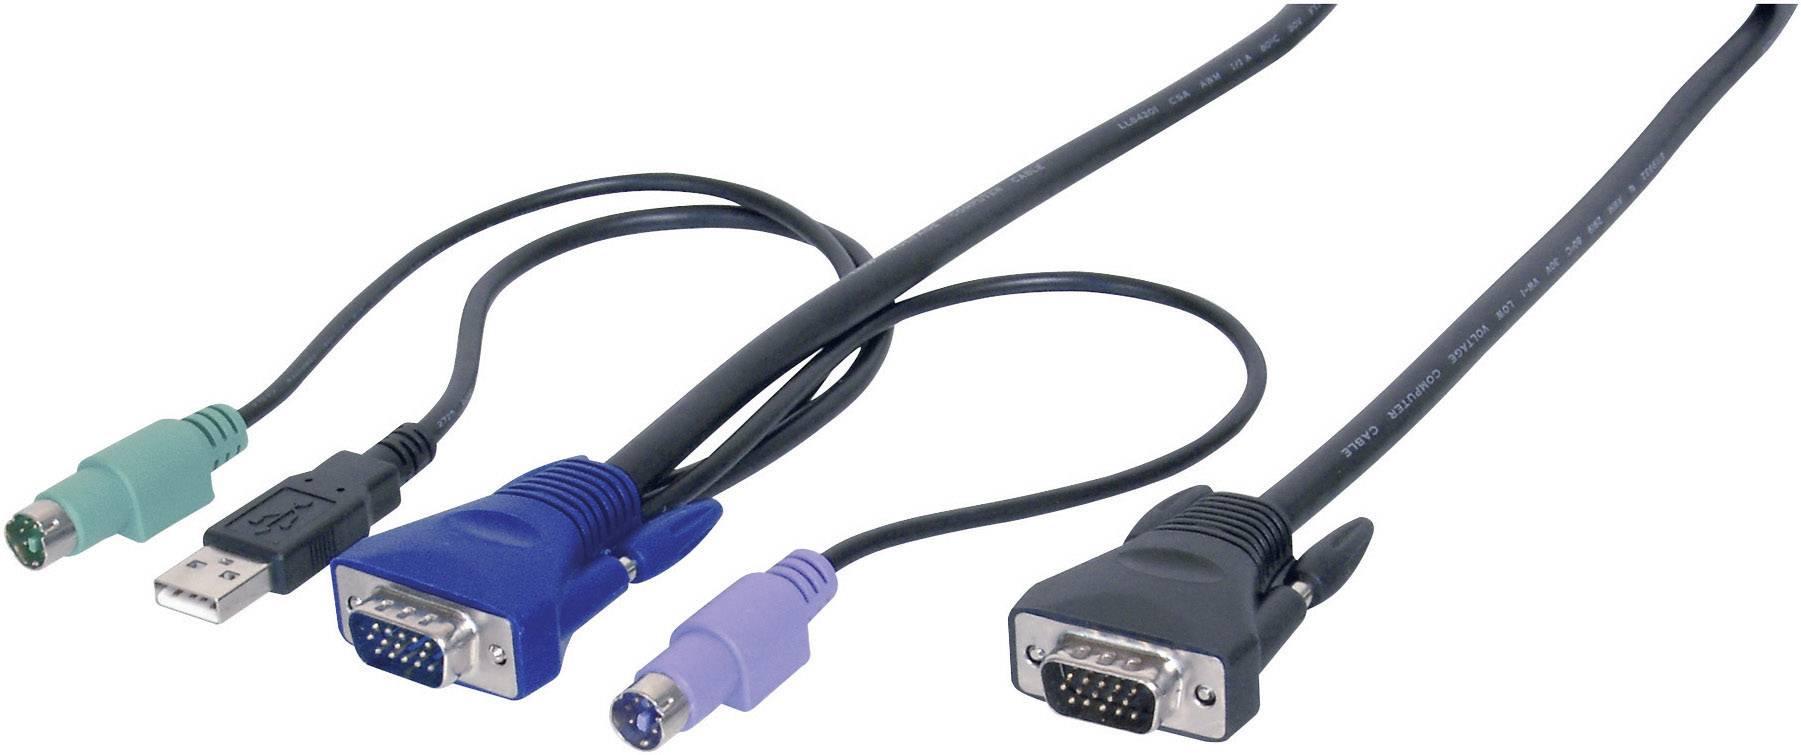 KVM kábel Digitus AK 82001, 1.80 m, čierna